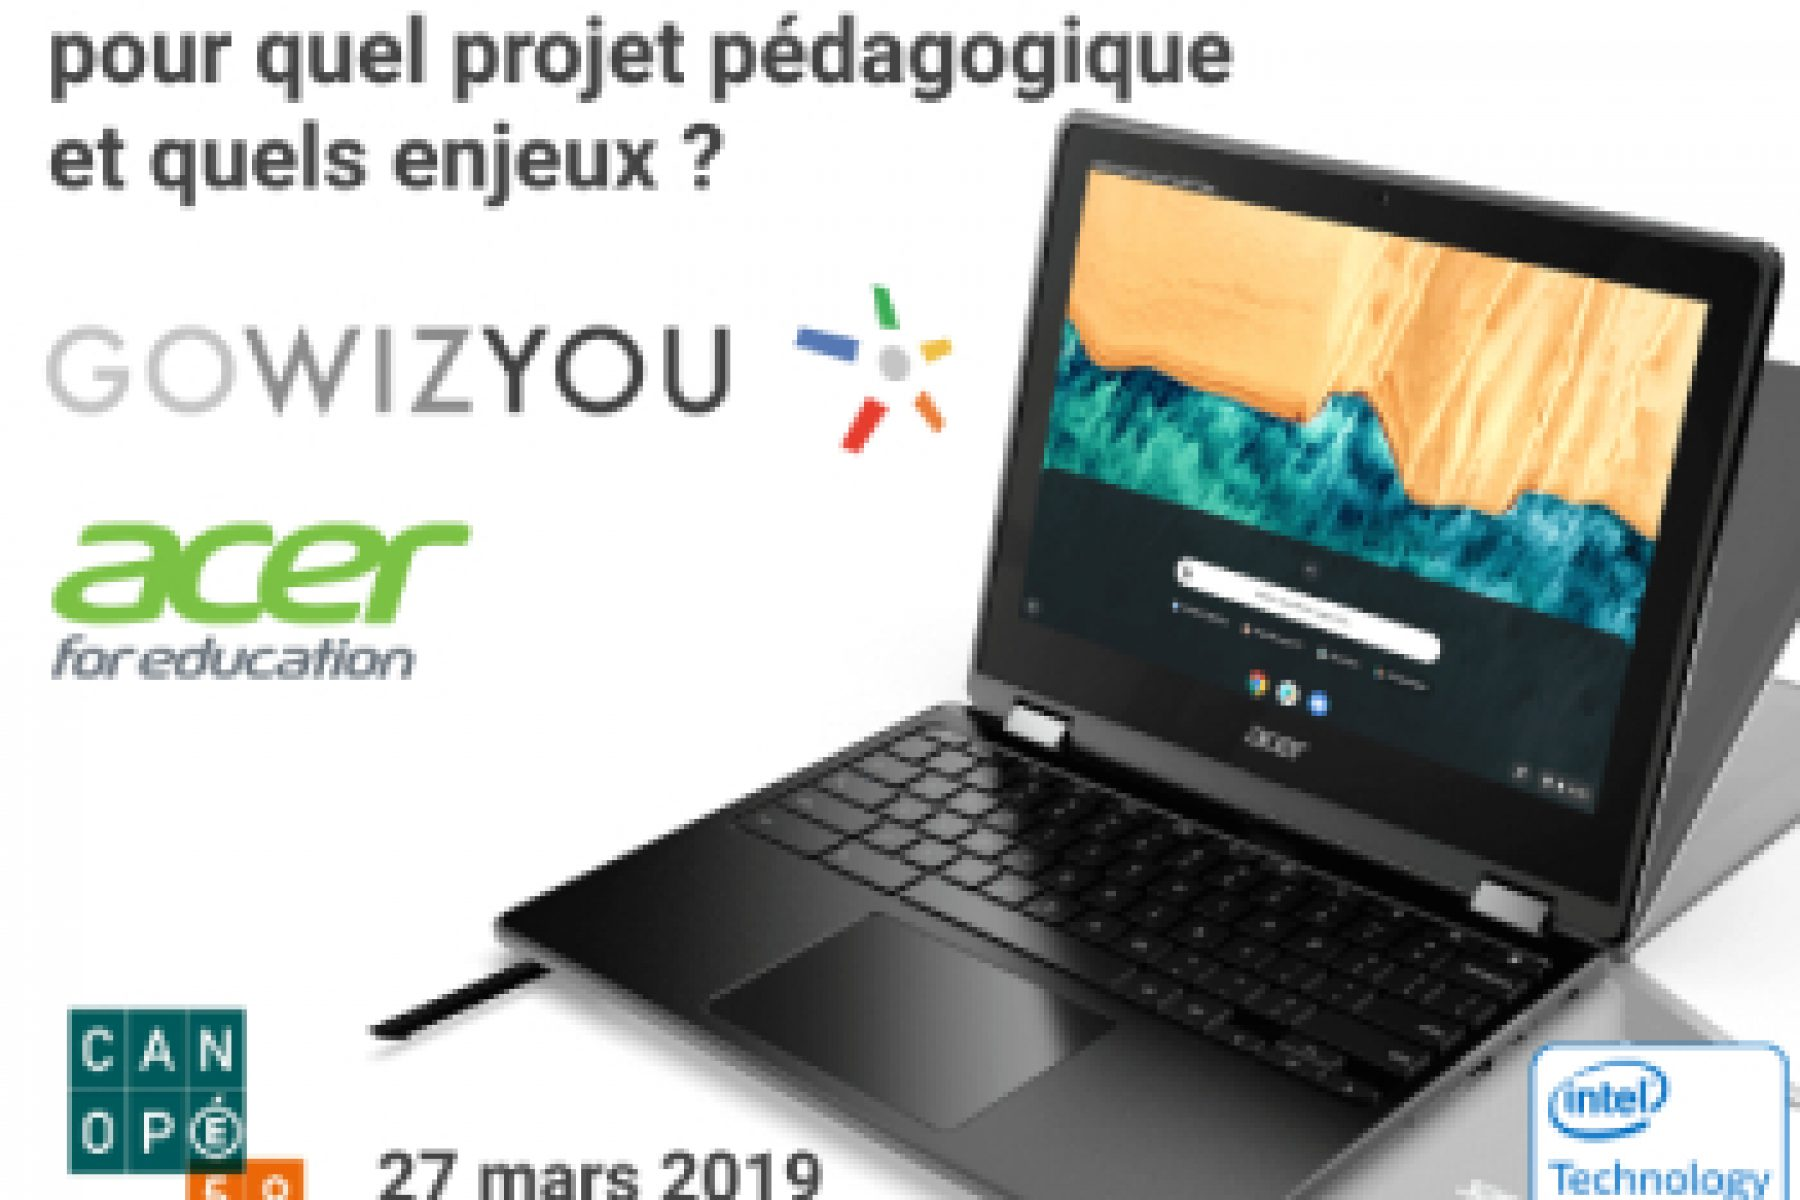 Journée Acer Gowizyou Canopé 17.03.2019